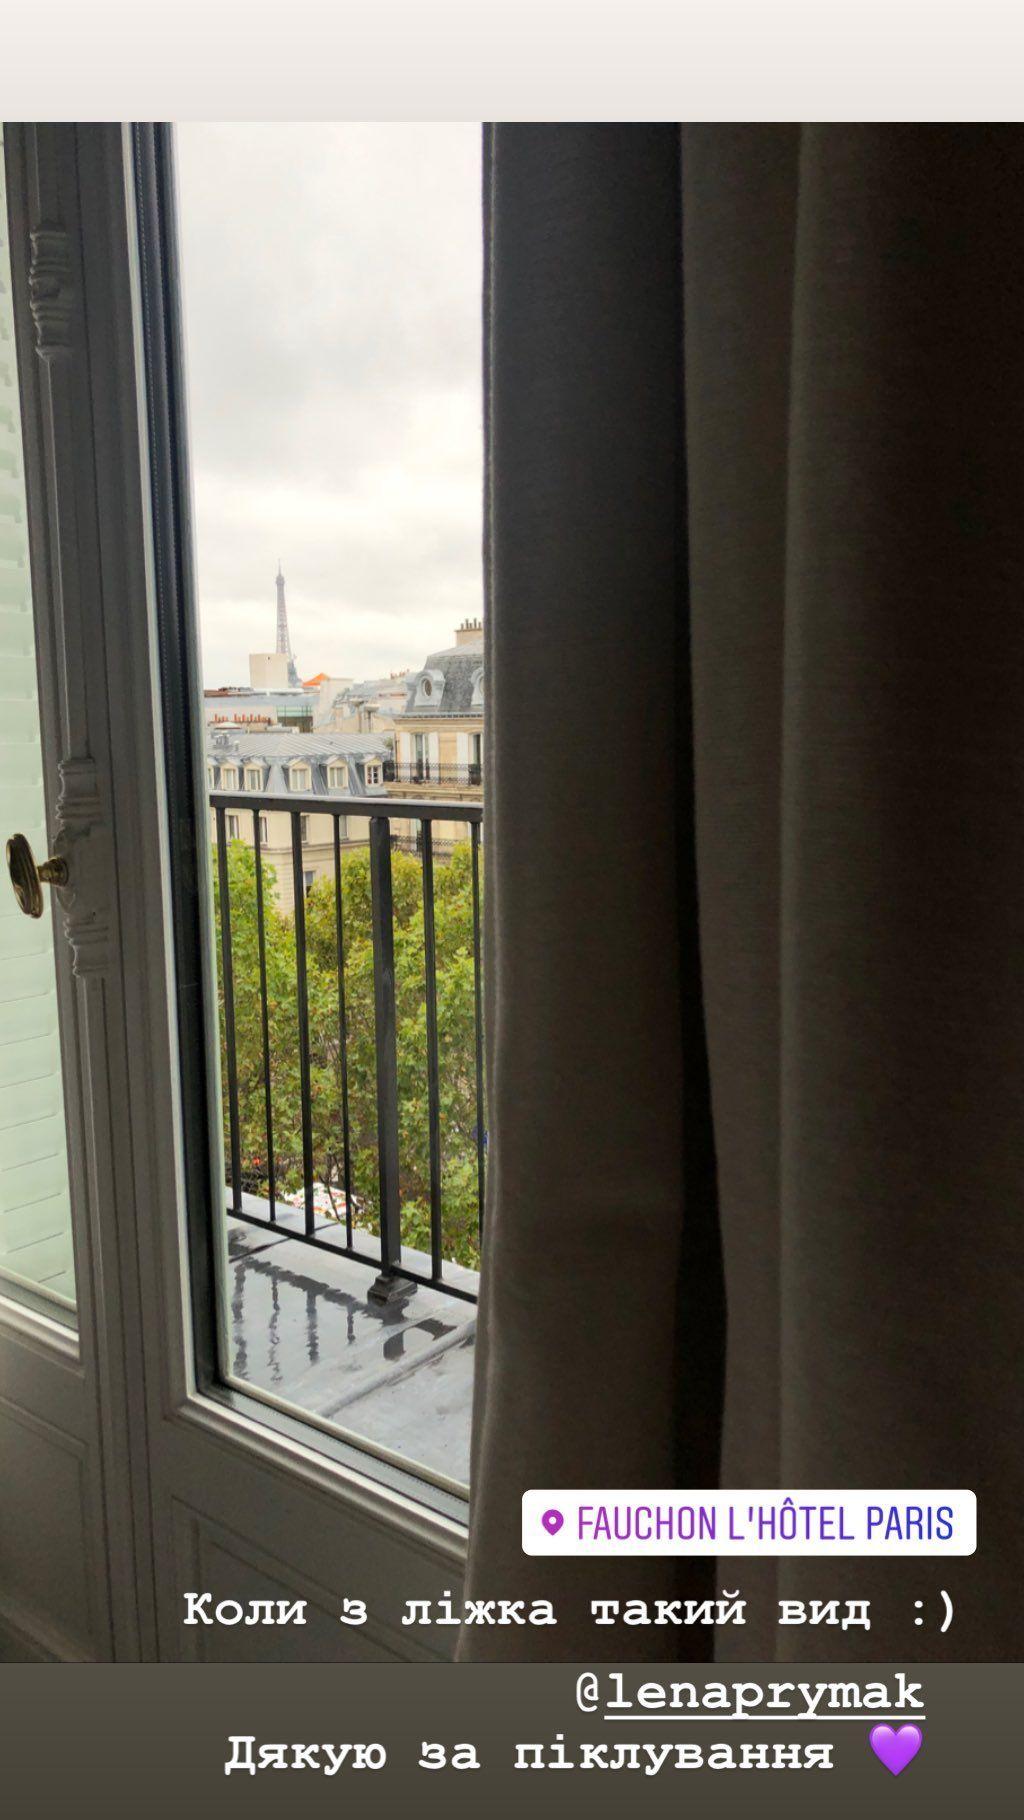 Отель Fauchon L'Hôtel